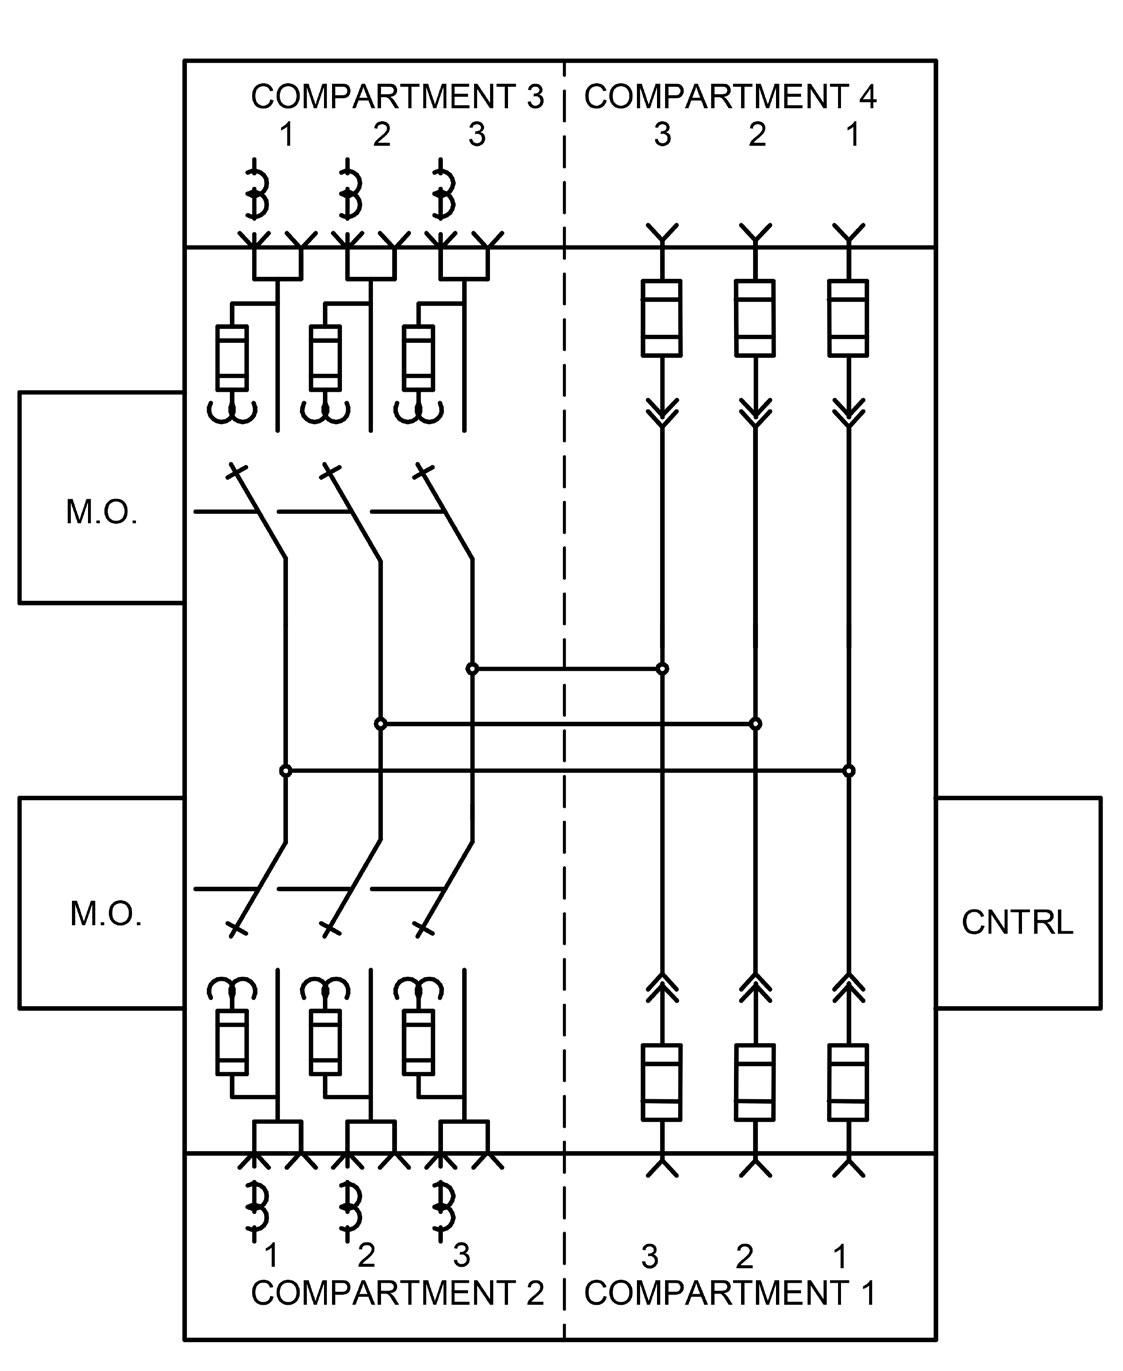 ATPSE-999-Circuit-Diagram